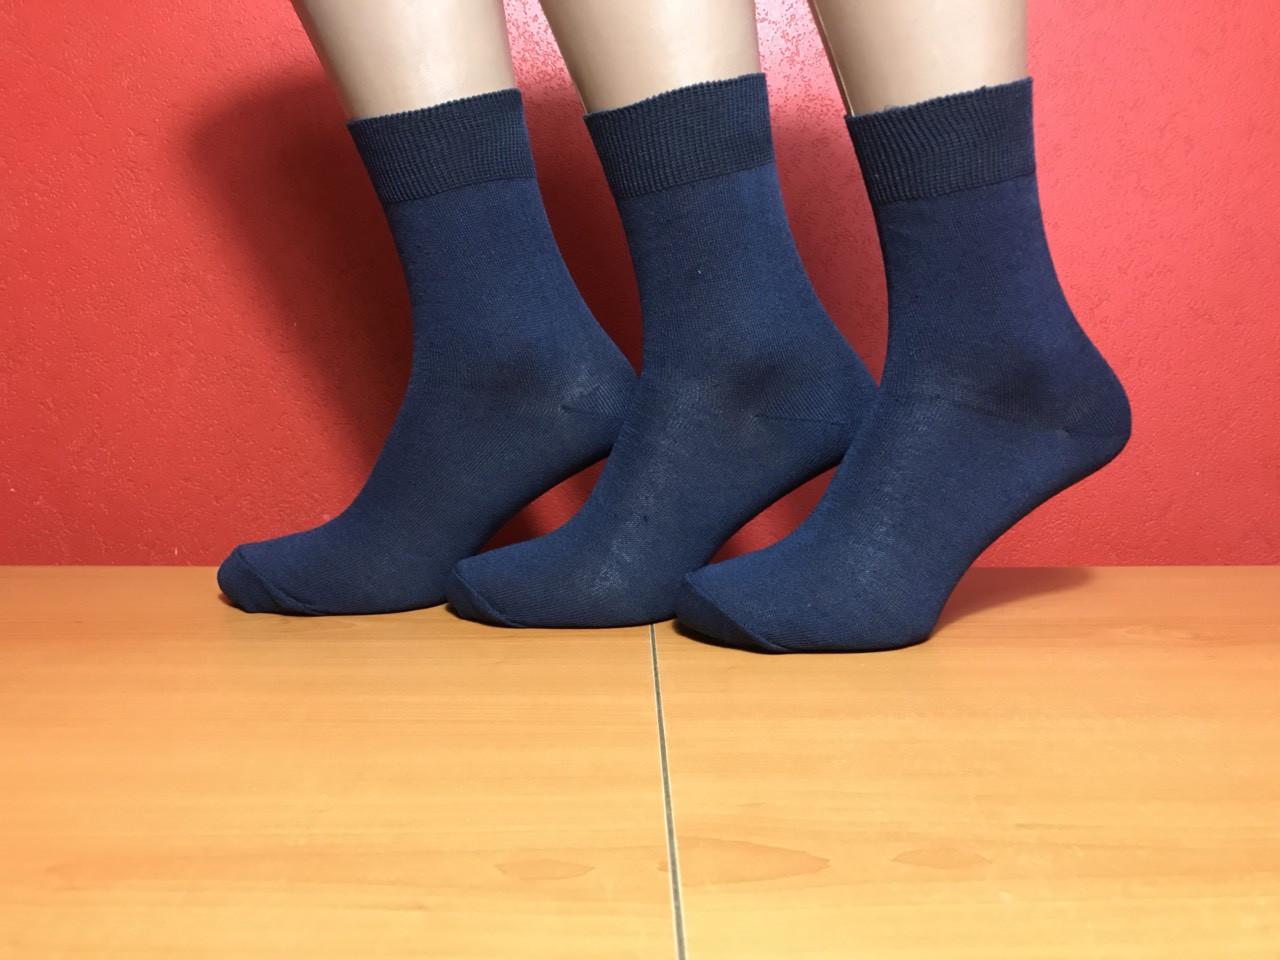 Носки мужские демисезонные хлопок Житомир размер 25 (38-40) темно-синие